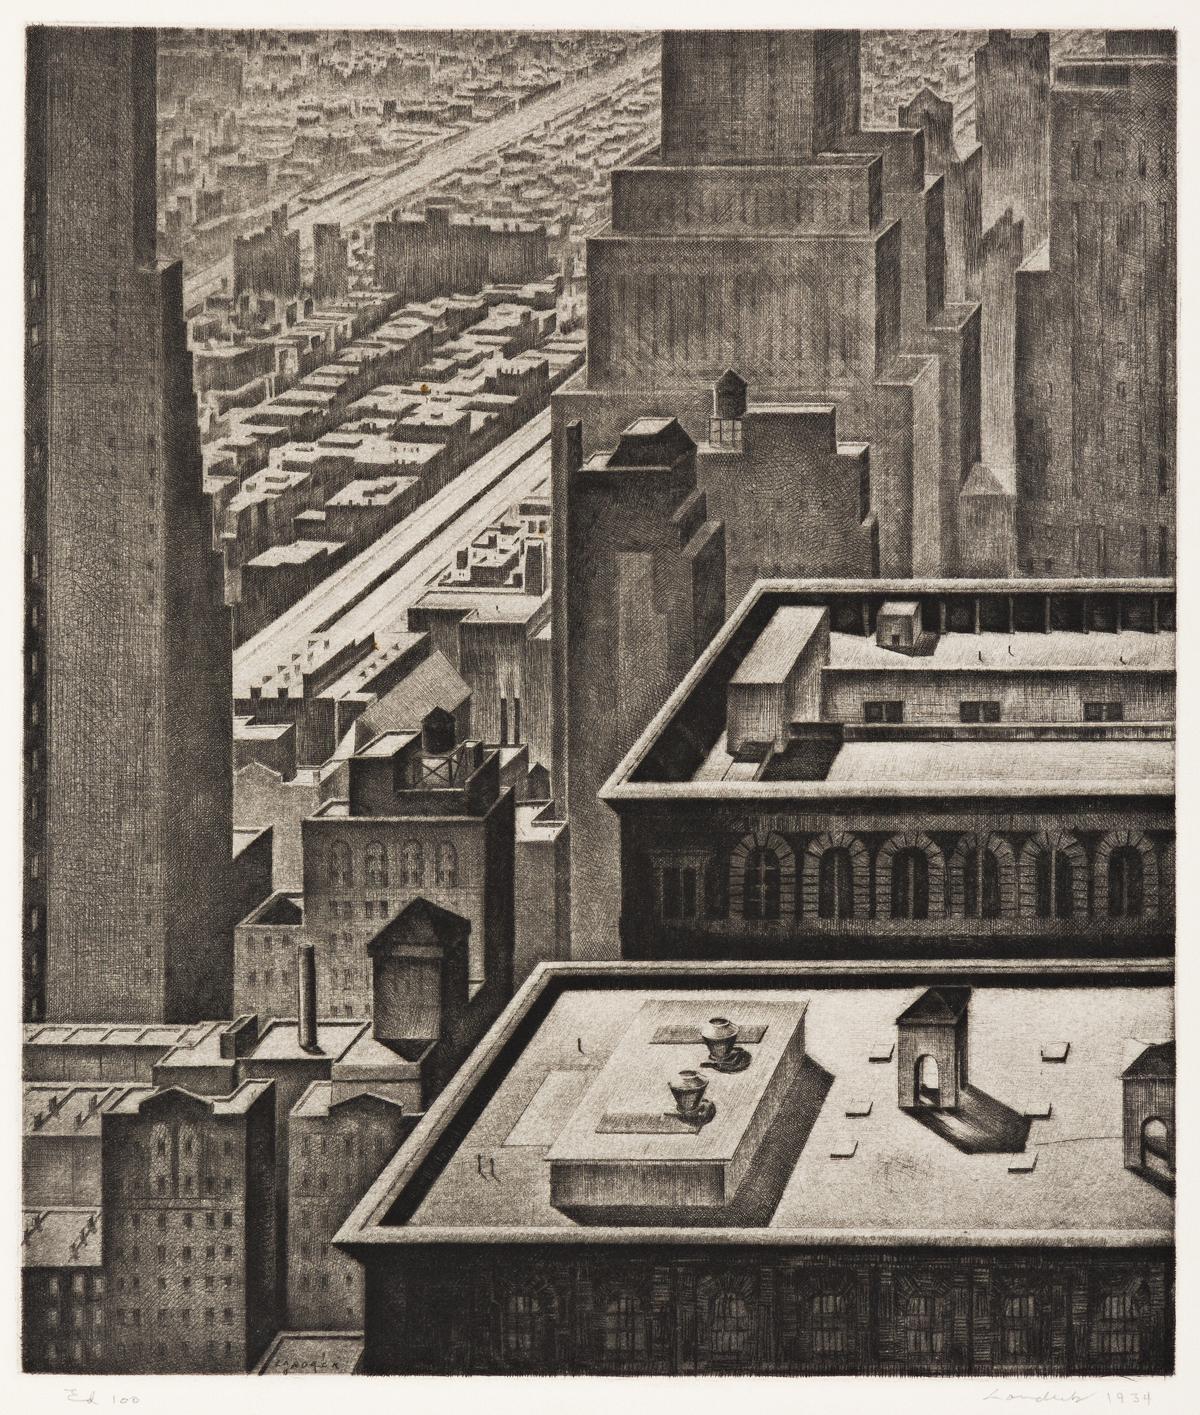 ARMIN LANDECK Manhattan Vista.